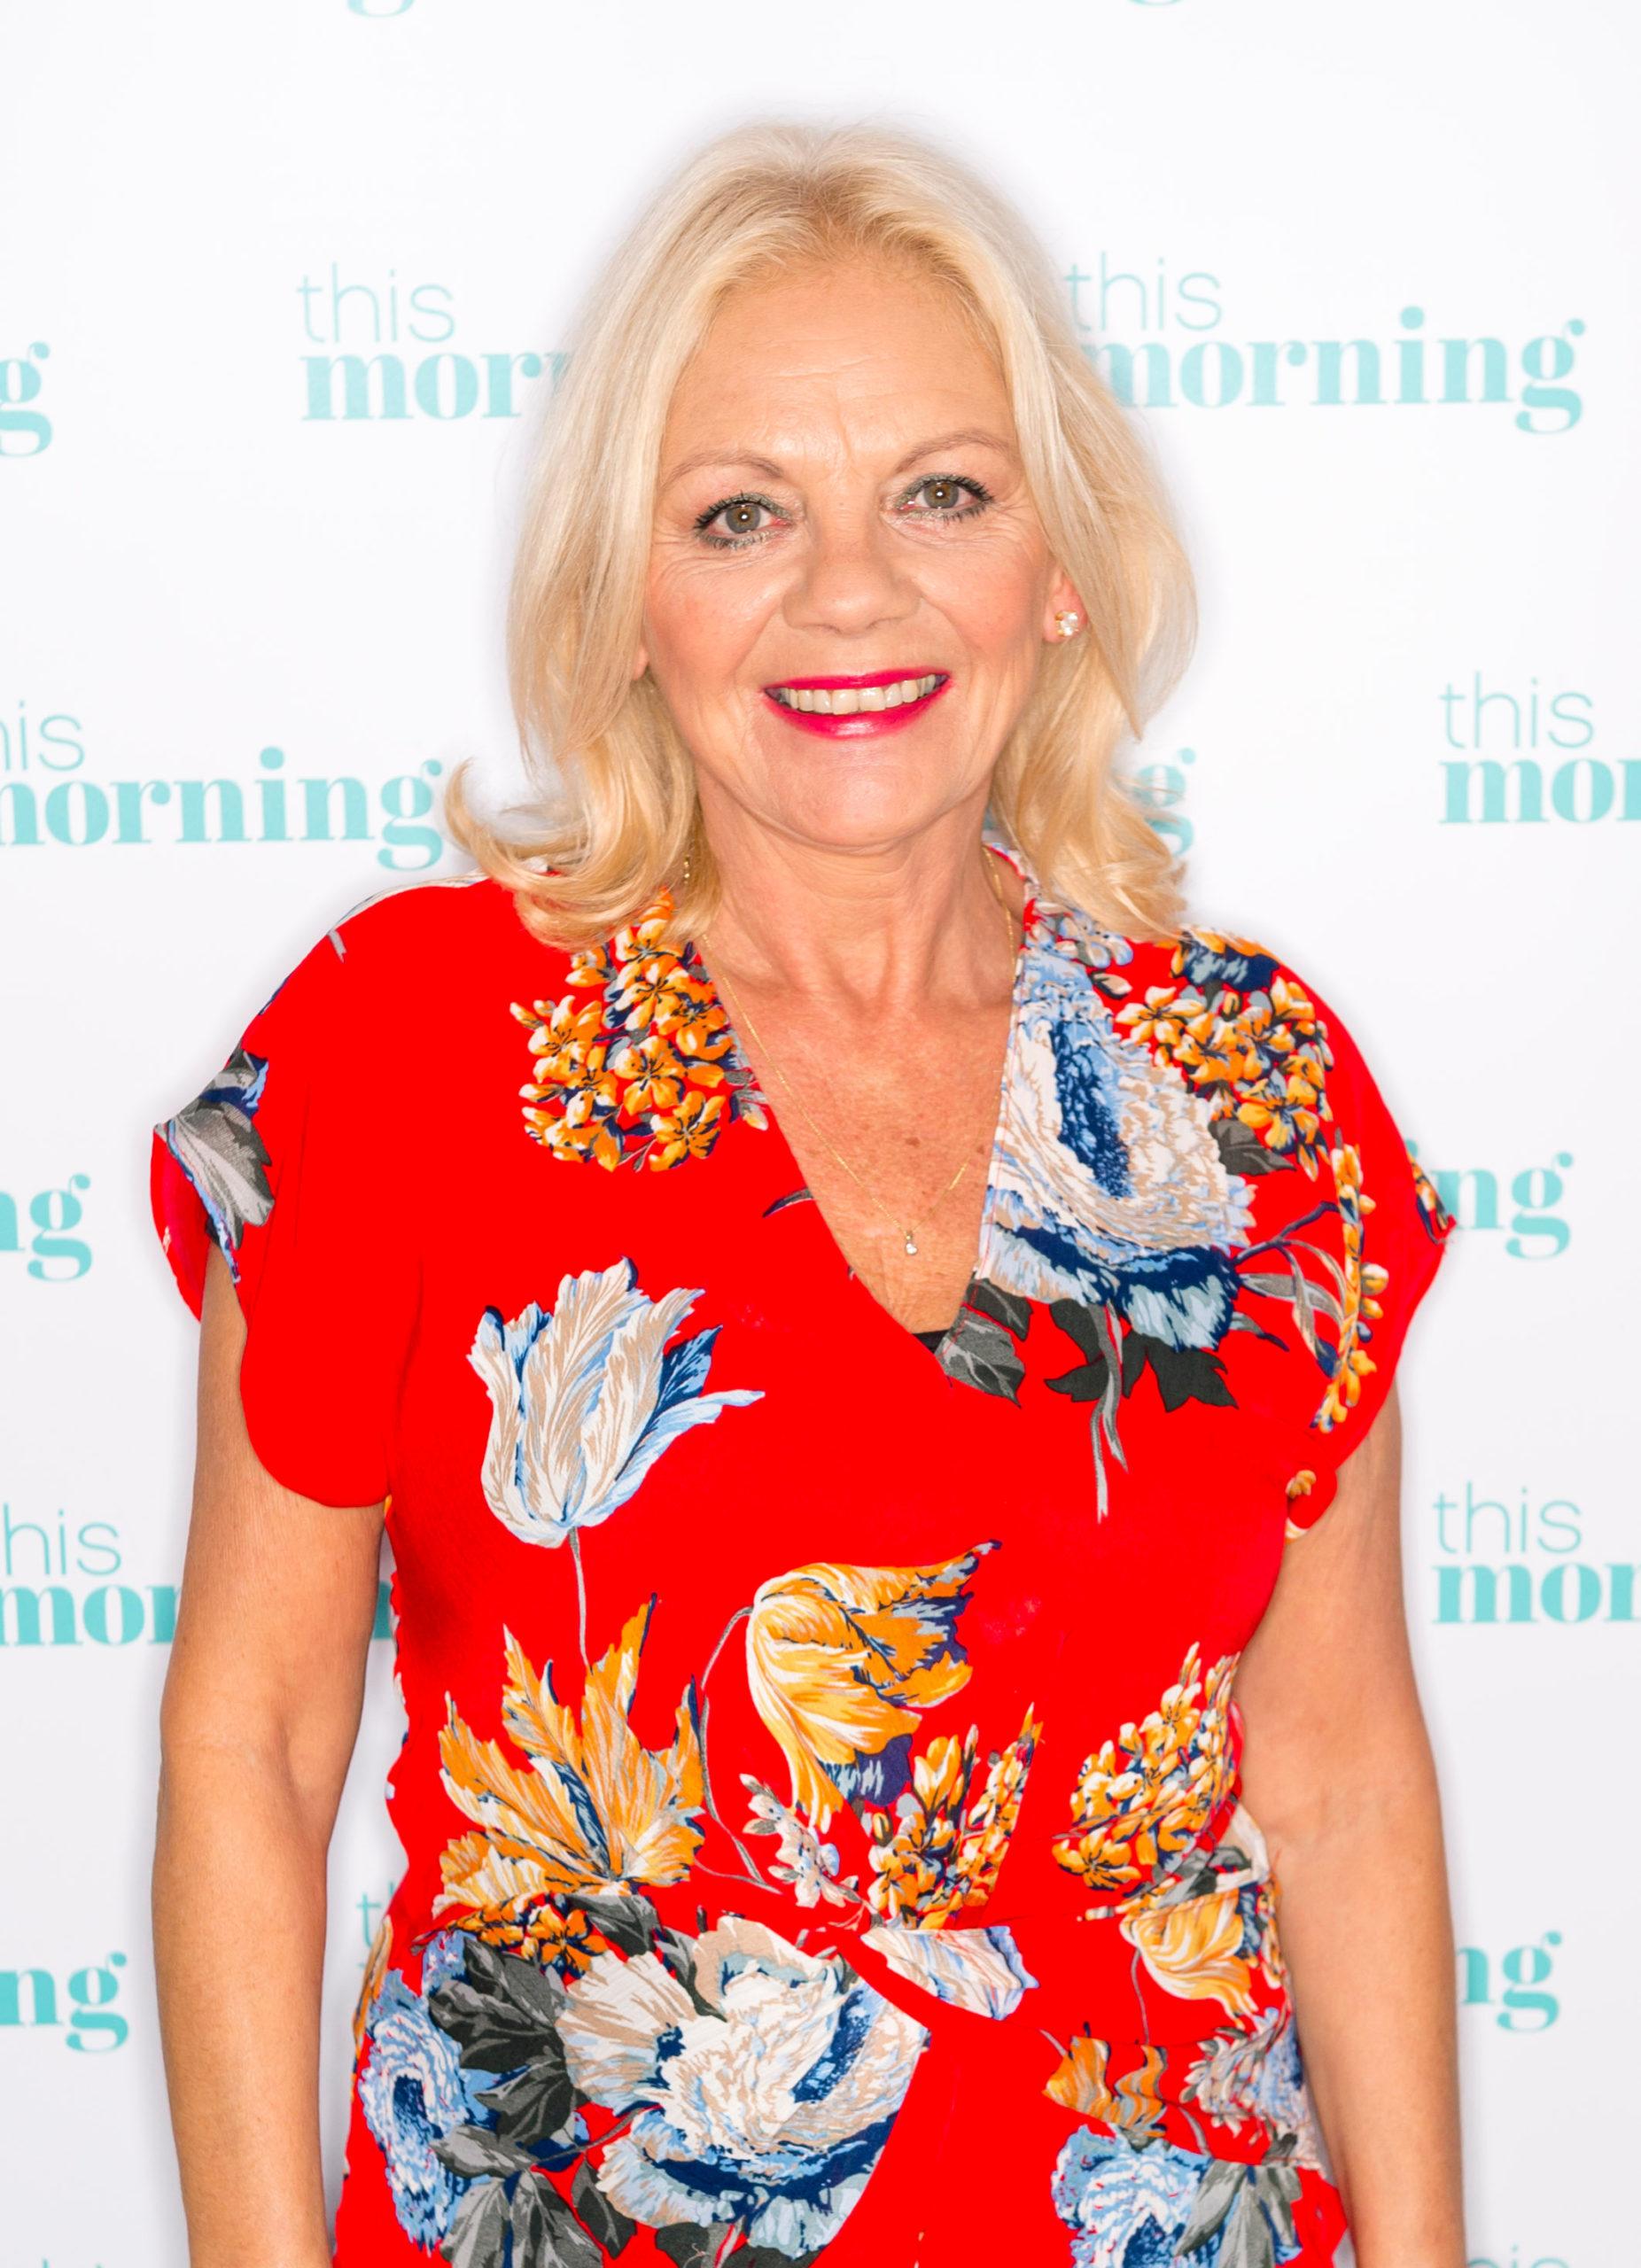 Gail Waring